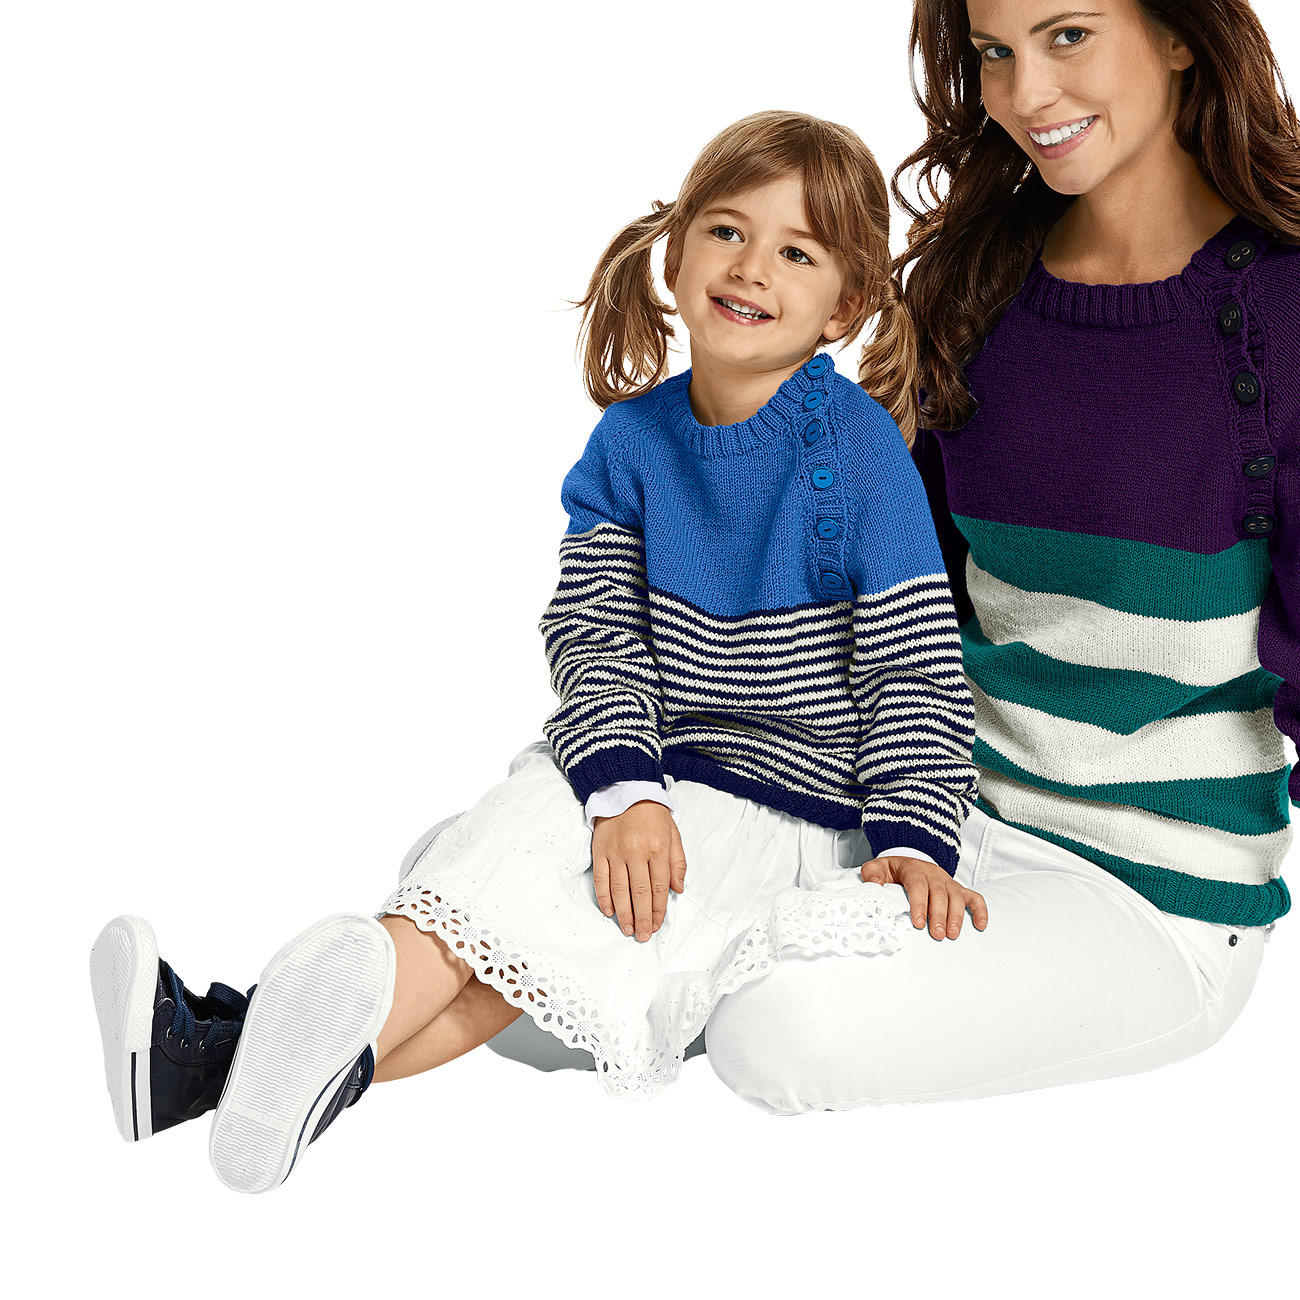 anleitung 259 4 a pullover aus merino supersoft von junghans wolle 3 versch farben. Black Bedroom Furniture Sets. Home Design Ideas